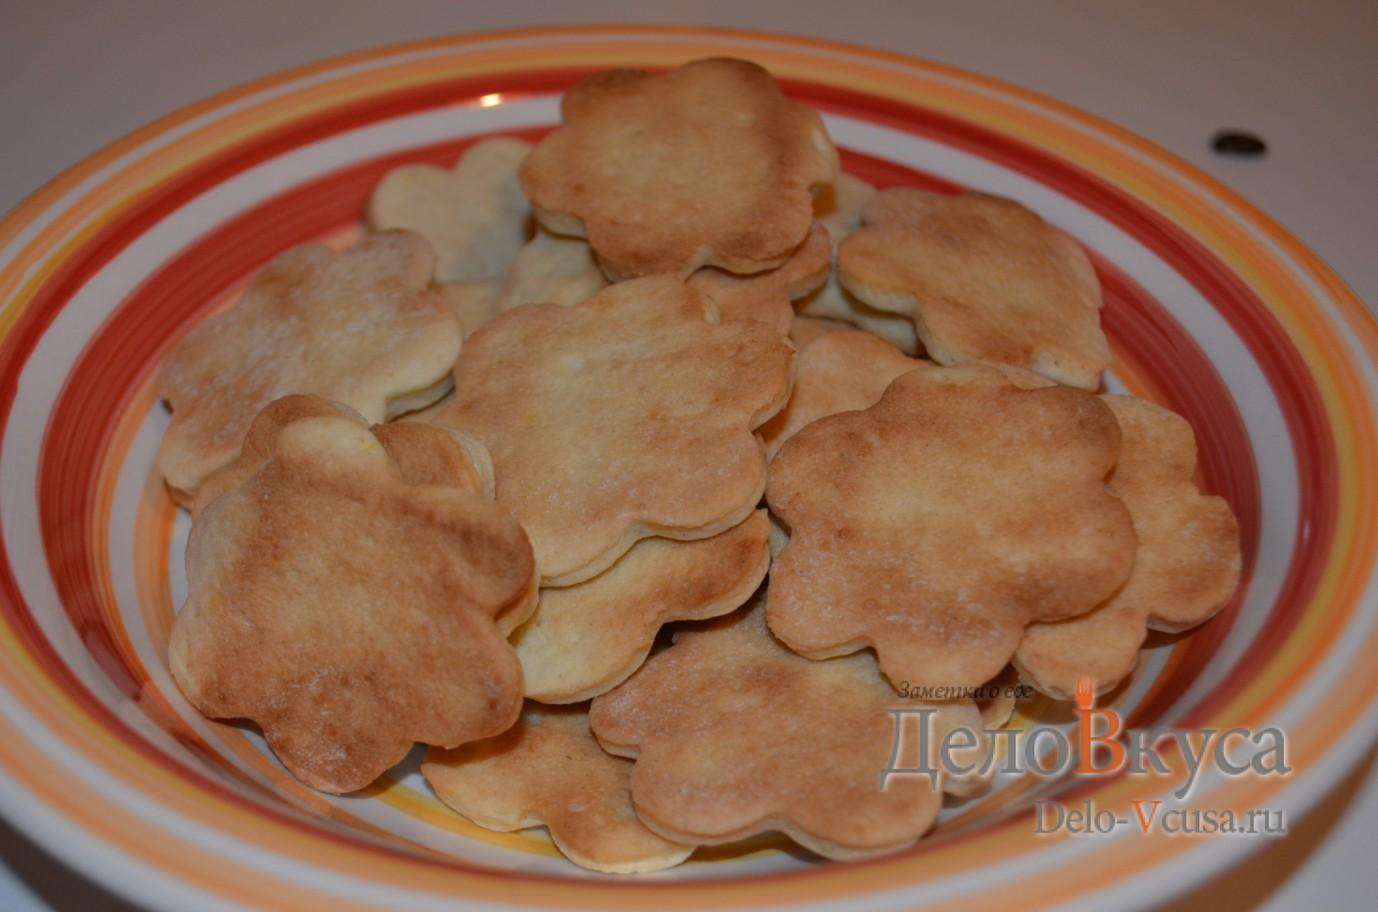 Домашнее печенье на сметане: рецепт с фото | Чудо-Повар | 912x1378